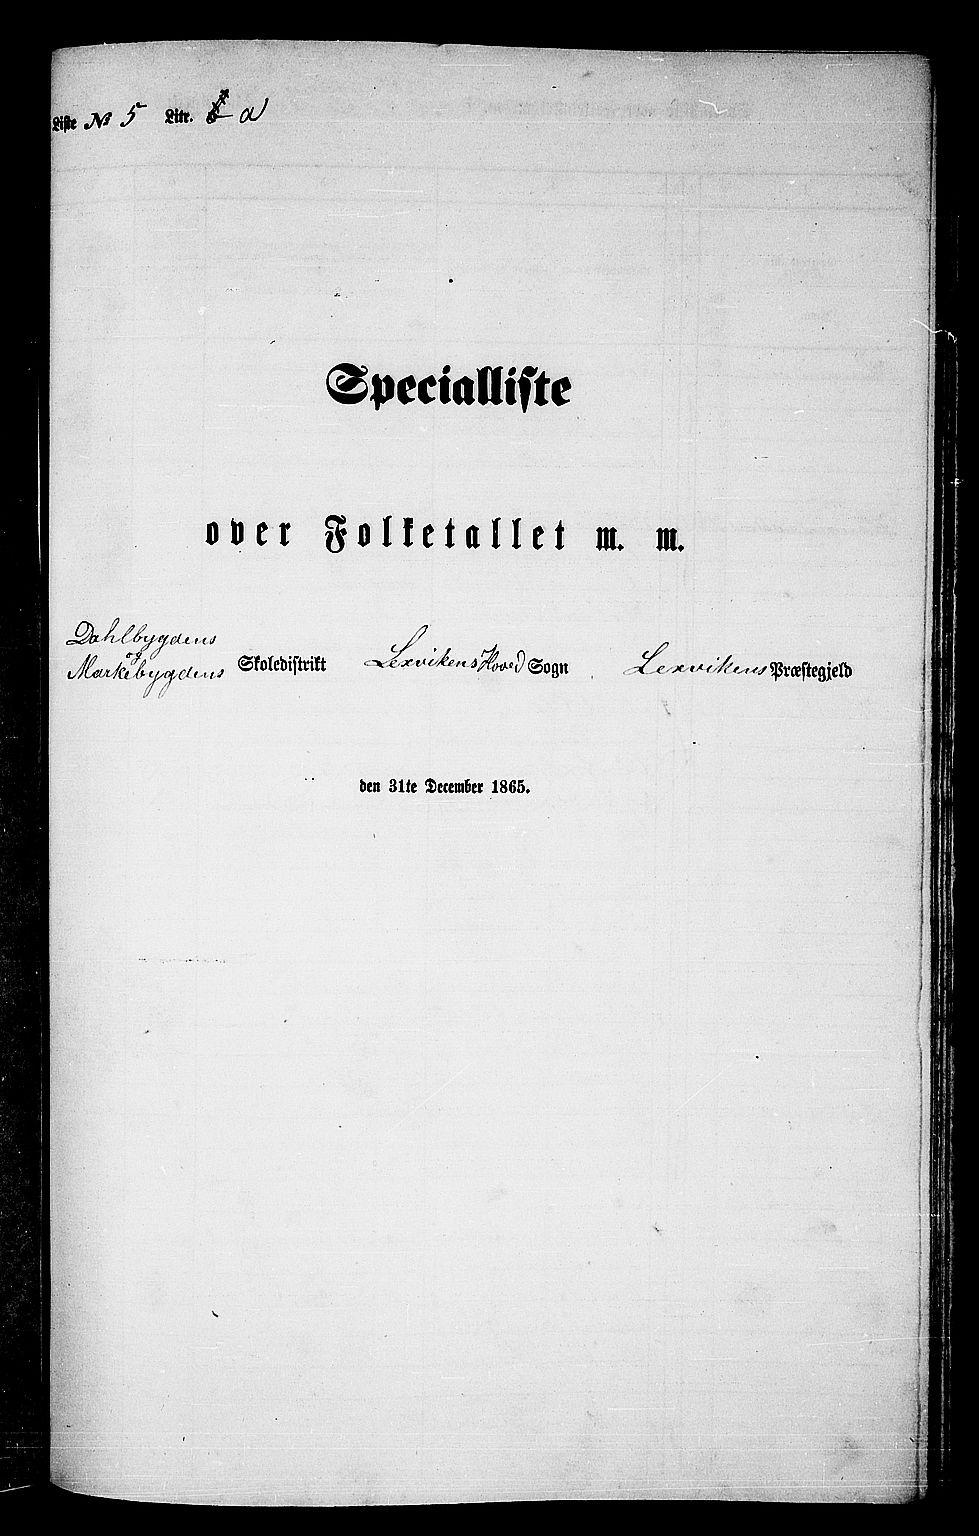 RA, Folketelling 1865 for 1718P Leksvik prestegjeld, 1865, s. 112